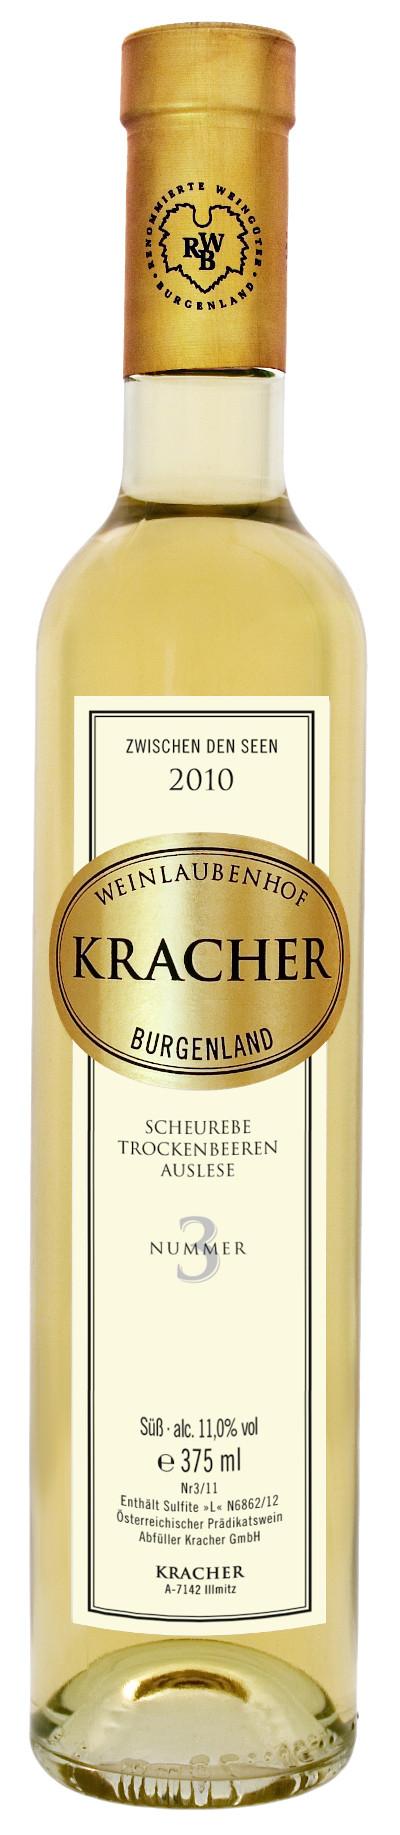 Kracher - Rarität Scheurebe Trockenbeerenauslese Nr. 3 Zwischen den Seen